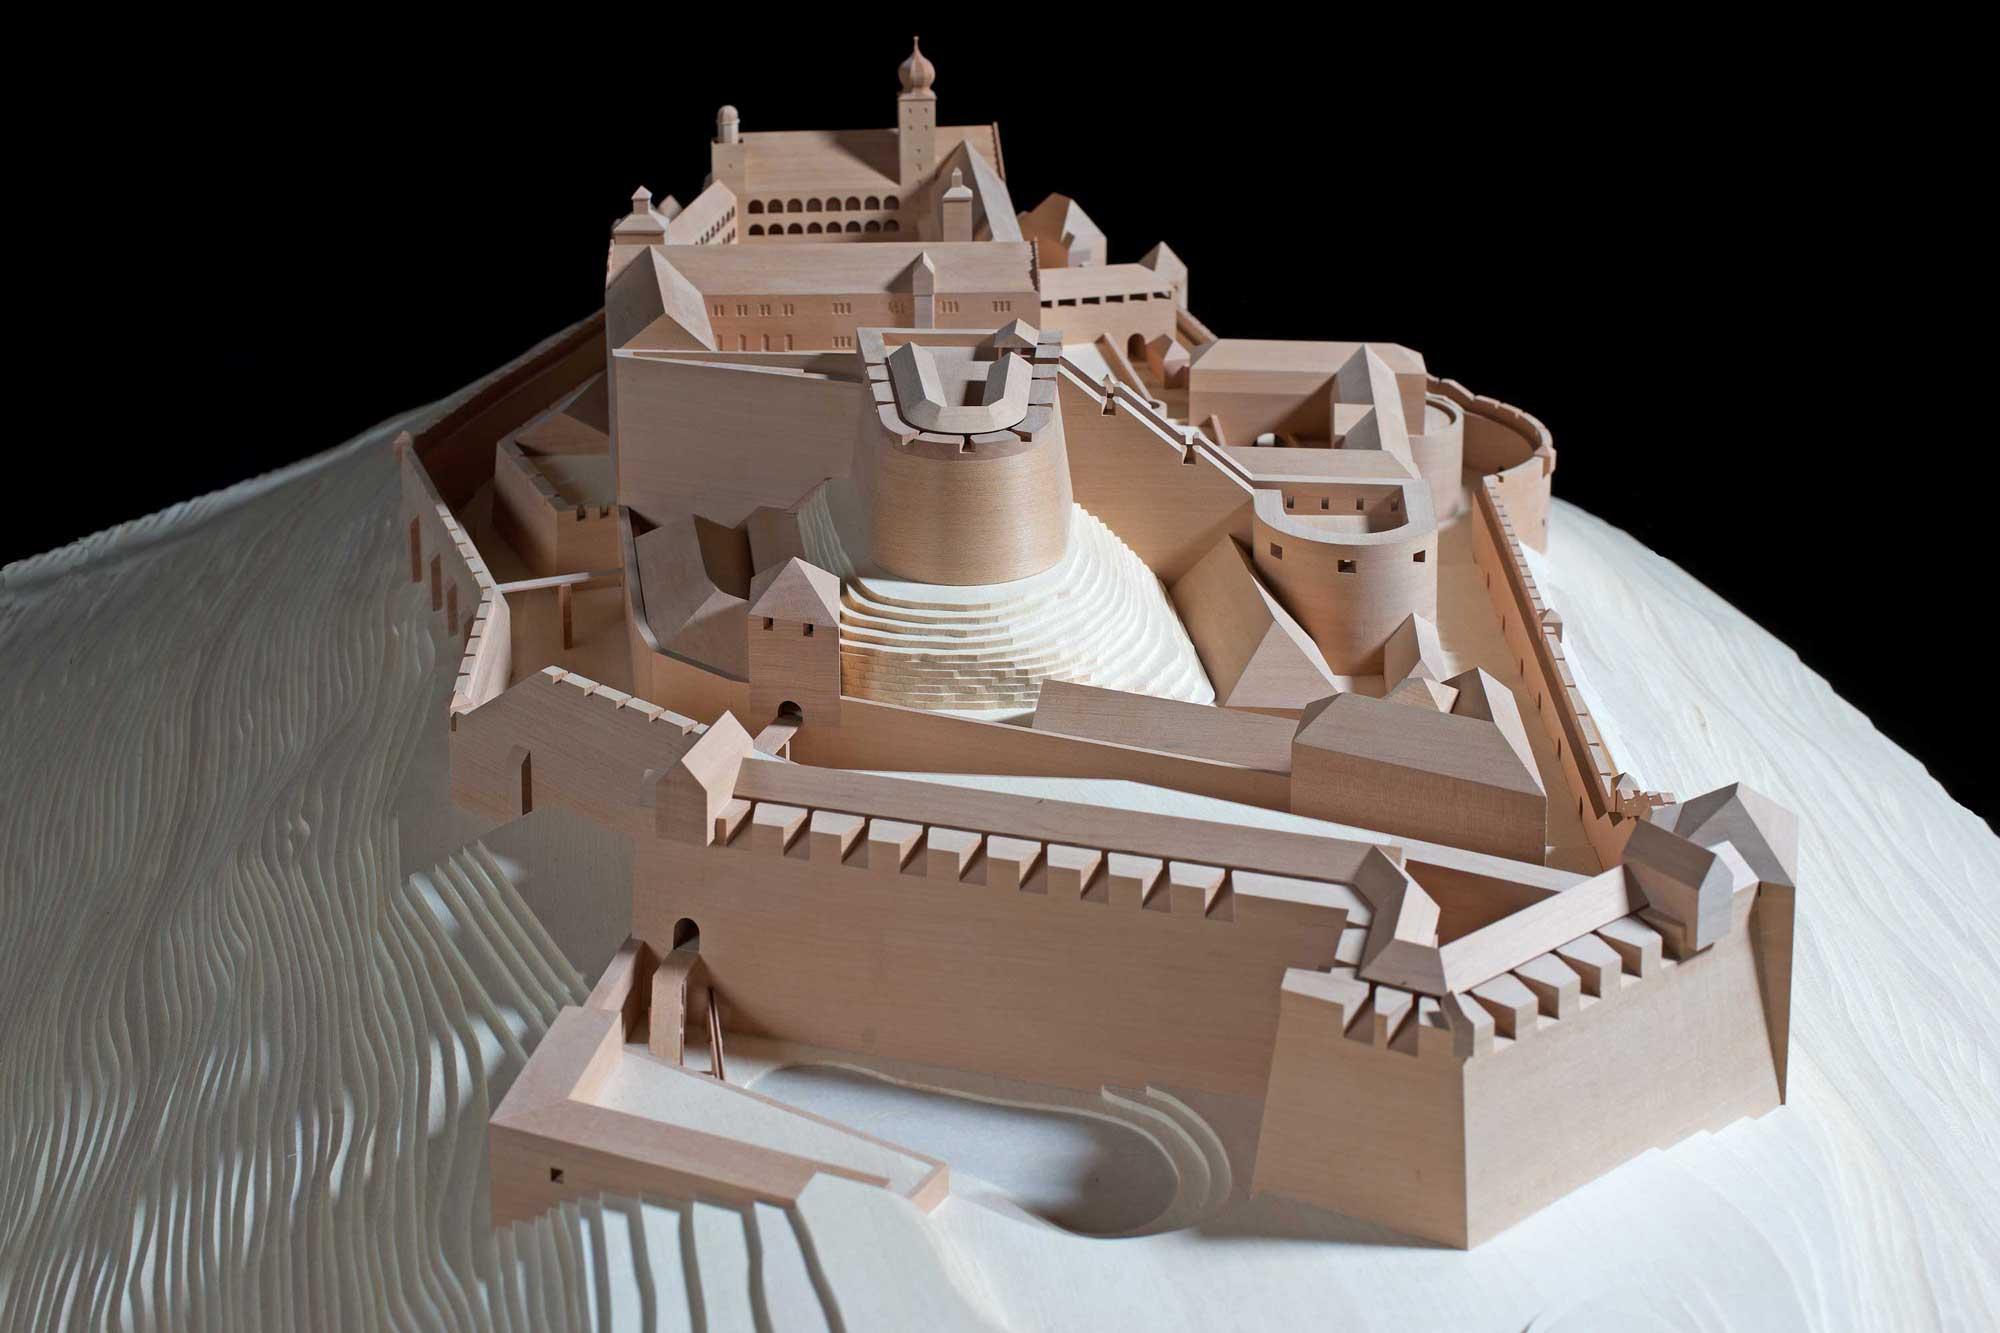 Anschauungsmodell aus Holz der Plassenburg, Ansicht